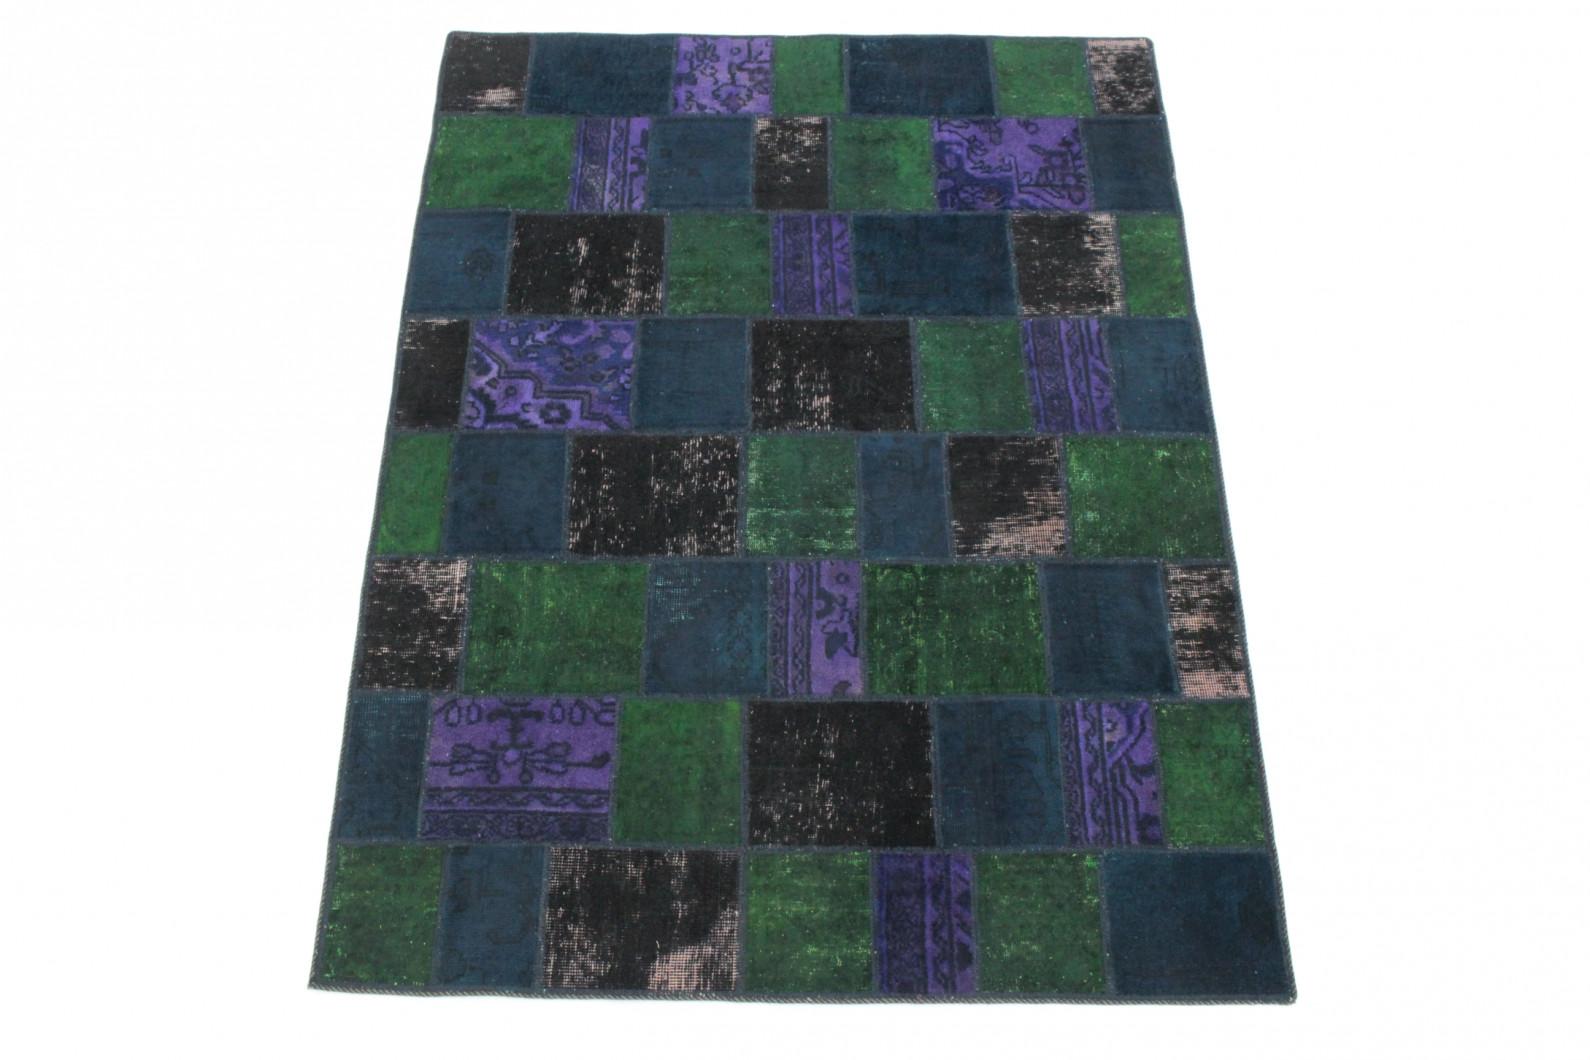 patchwork teppich gr n lila schwarz blau in 210x150 1001 167131 bei kaufen. Black Bedroom Furniture Sets. Home Design Ideas